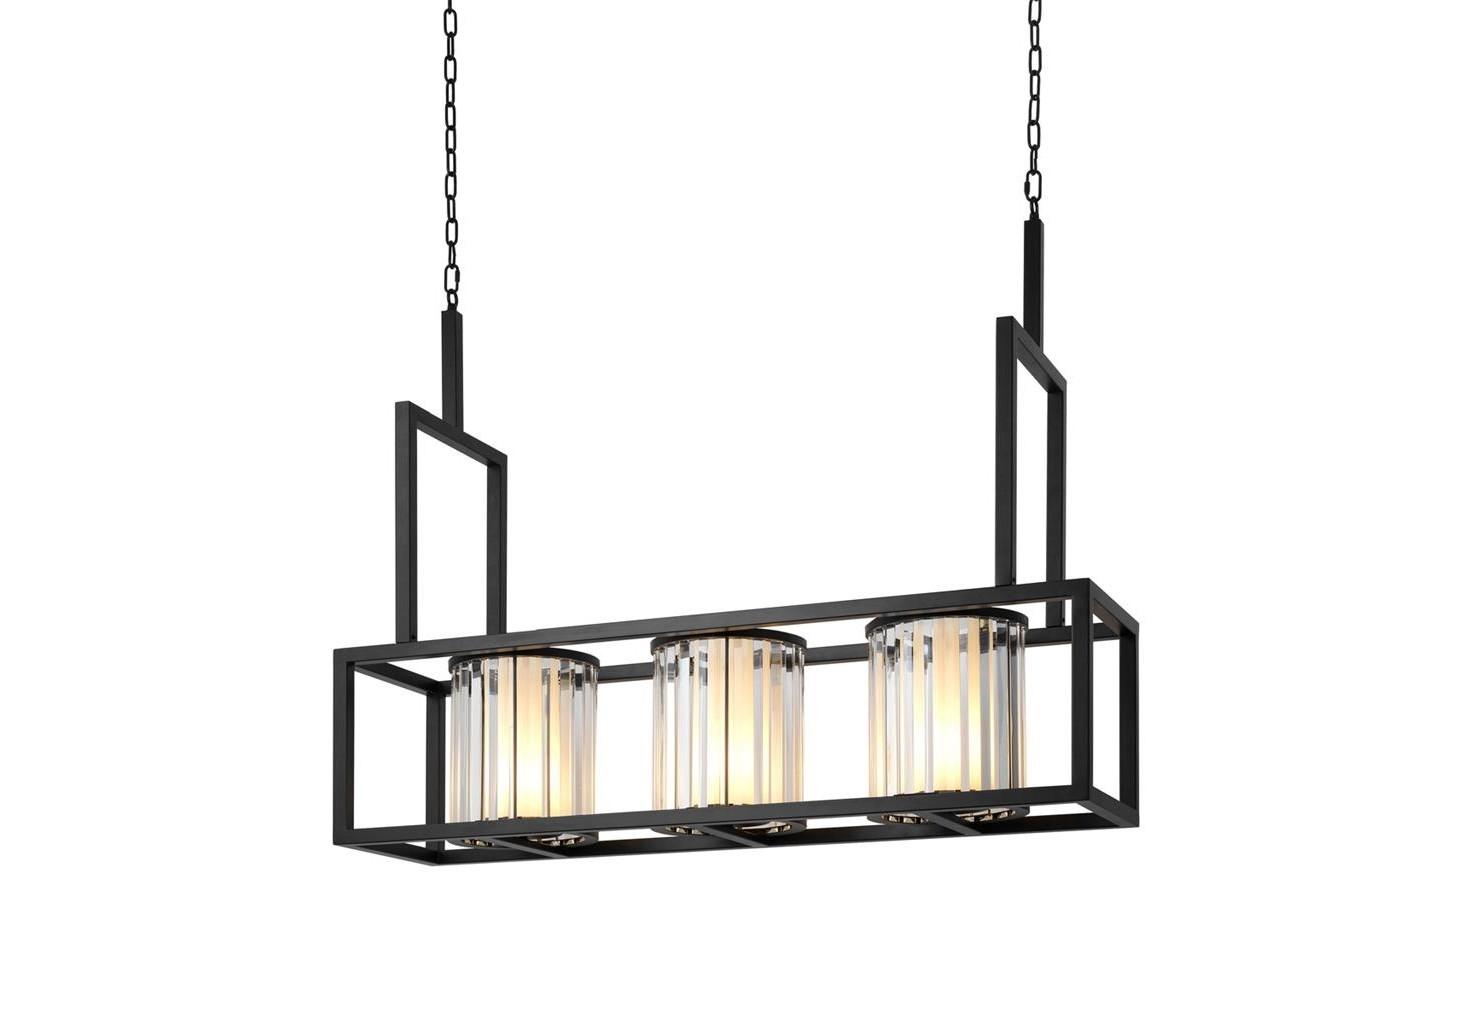 Подвесной светильникПодвесные светильники<br>Подвесной светильник Chandelier Carducci на металлической арматуре черного цвета. Плафоны из стекла песочного цвета в декоративном оформлении прозрачными пластинами. Высота светильника регулируется за счет звеньев цепи.&amp;lt;div&amp;gt;&amp;lt;br&amp;gt;&amp;lt;/div&amp;gt;&amp;lt;div&amp;gt;&amp;lt;div&amp;gt;Тип цоколя: E27&amp;lt;/div&amp;gt;&amp;lt;div&amp;gt;Мощность: 13W&amp;lt;/div&amp;gt;&amp;lt;div&amp;gt;Кол-во ламп: 3 (нет в комплекте)&amp;lt;/div&amp;gt;&amp;lt;/div&amp;gt;<br><br>Material: Металл<br>Ширина см: 120<br>Высота см: 98<br>Глубина см: 32